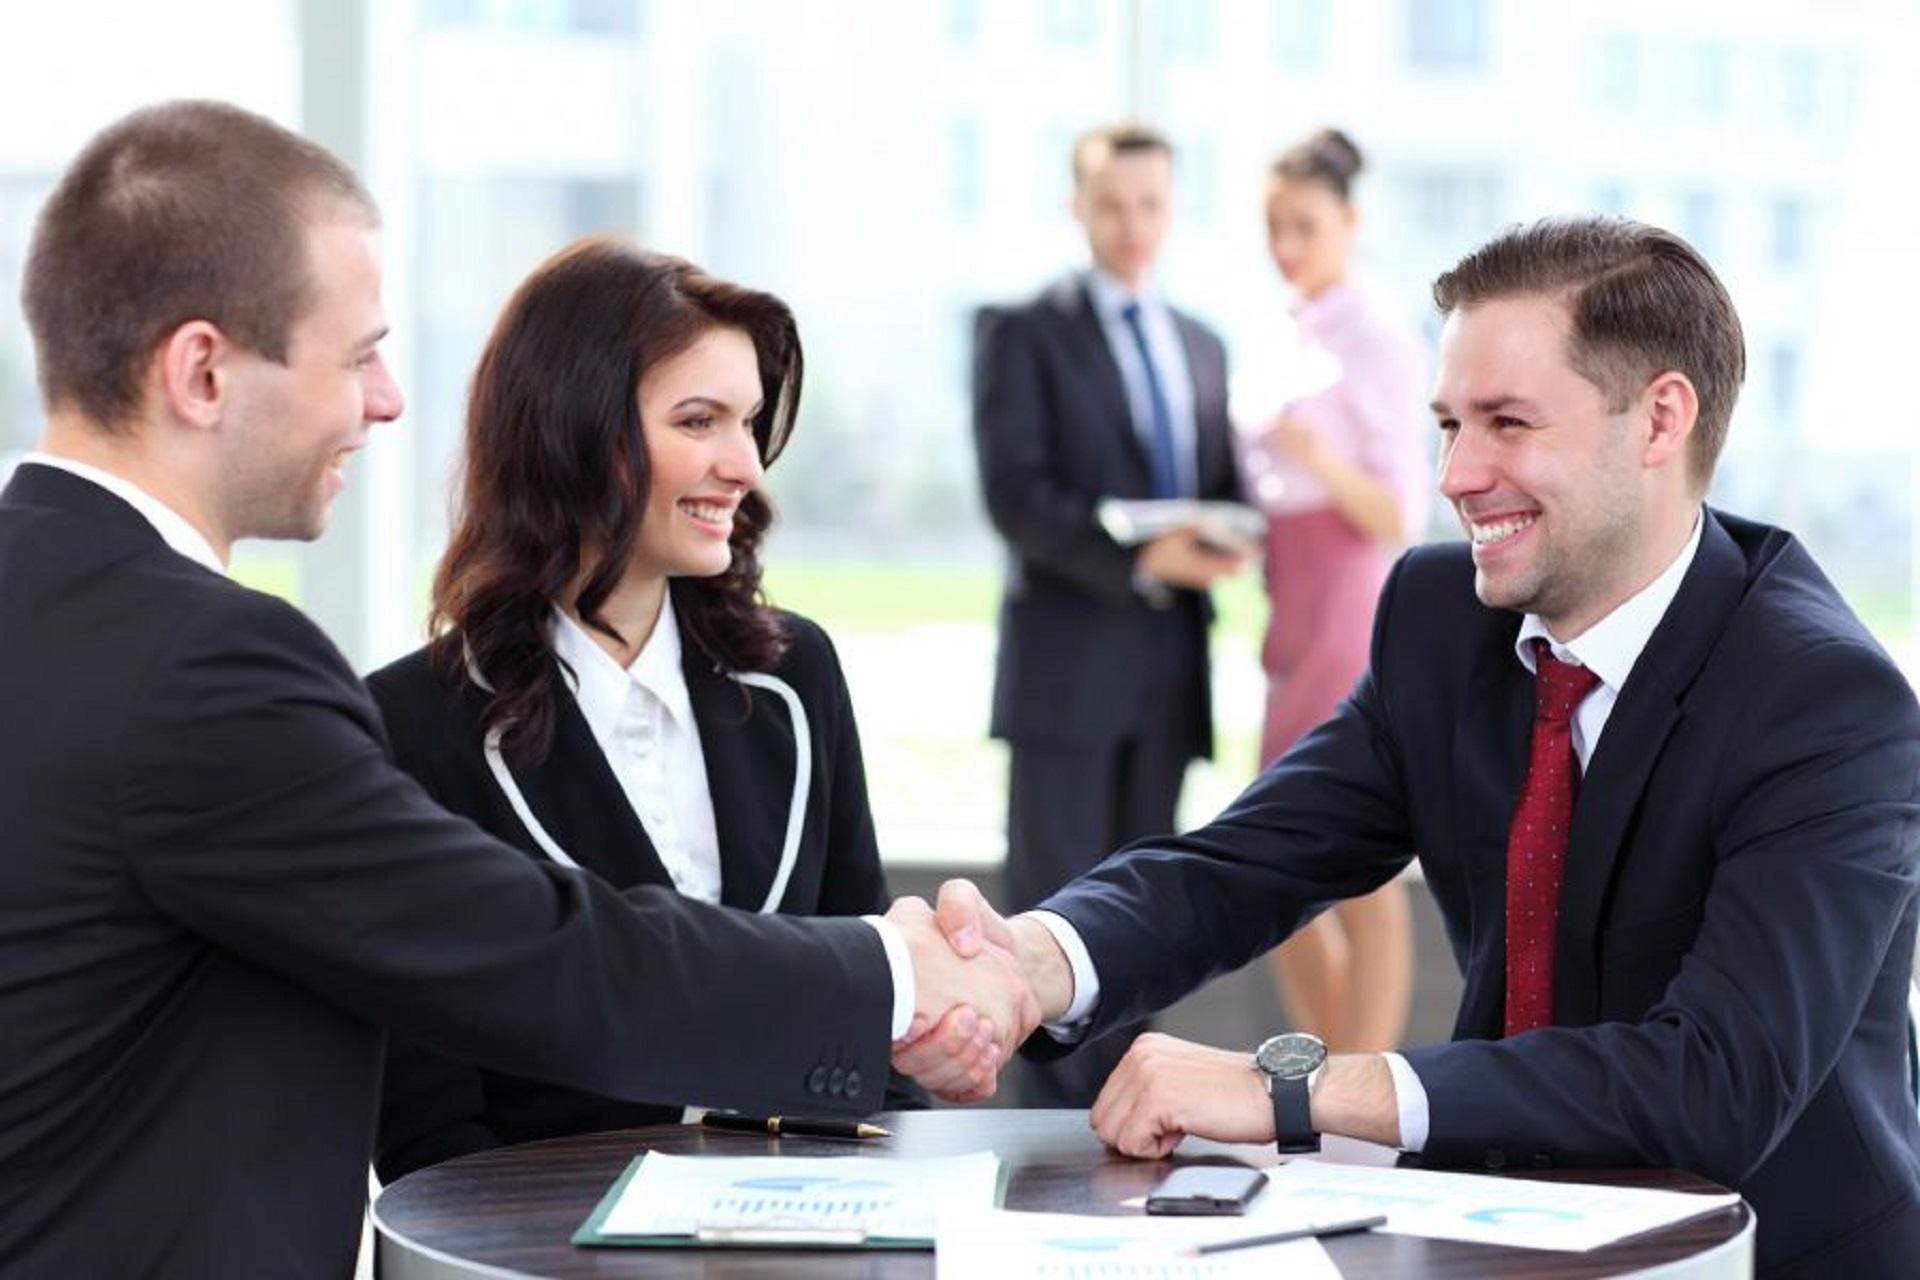 15 cách giao tiếp với khách hàng mà nhân viên kinh doanh cần biết